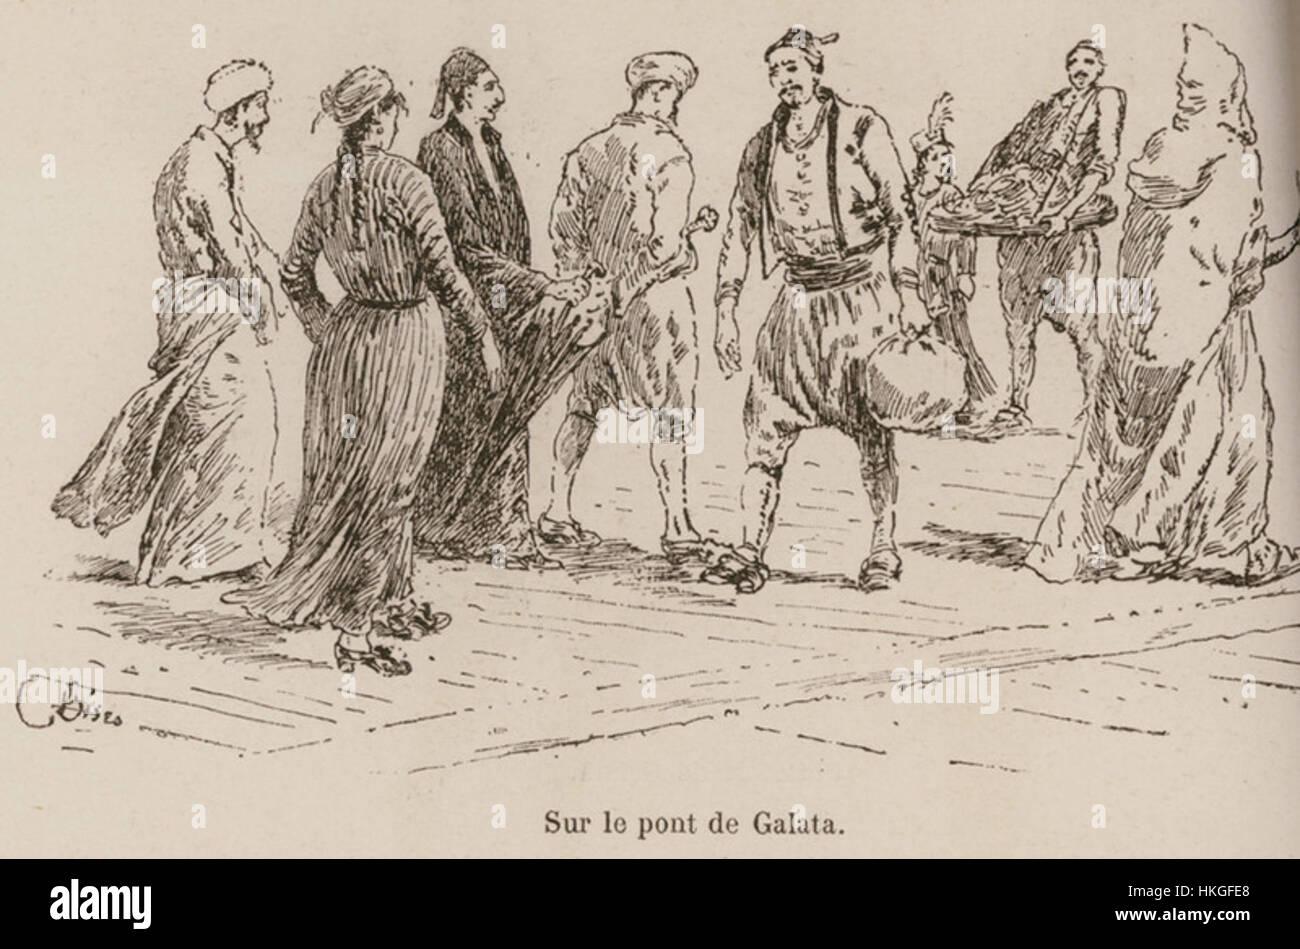 Sur le pont de Galata (2) De Amicis Edmondo 1883 Banque D'Images